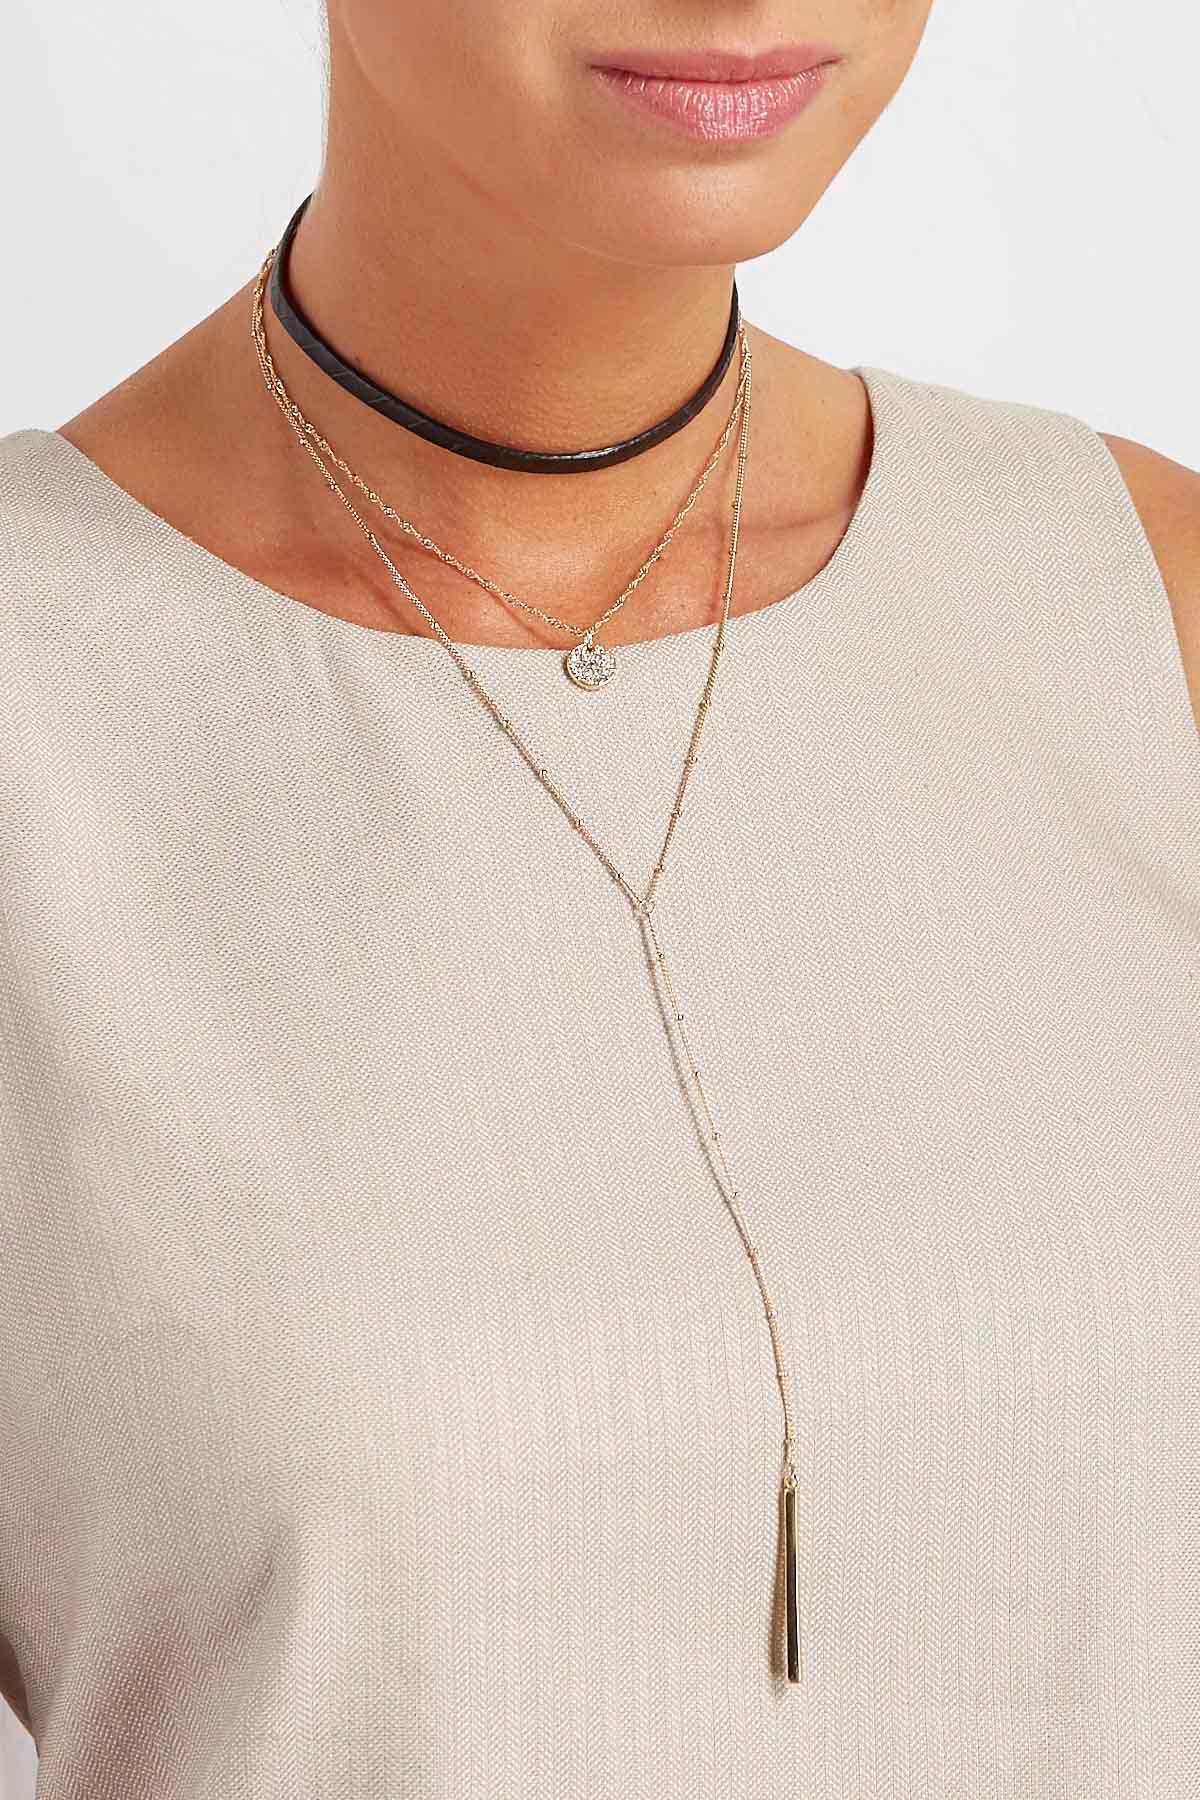 Layered Chain Pendant Choker